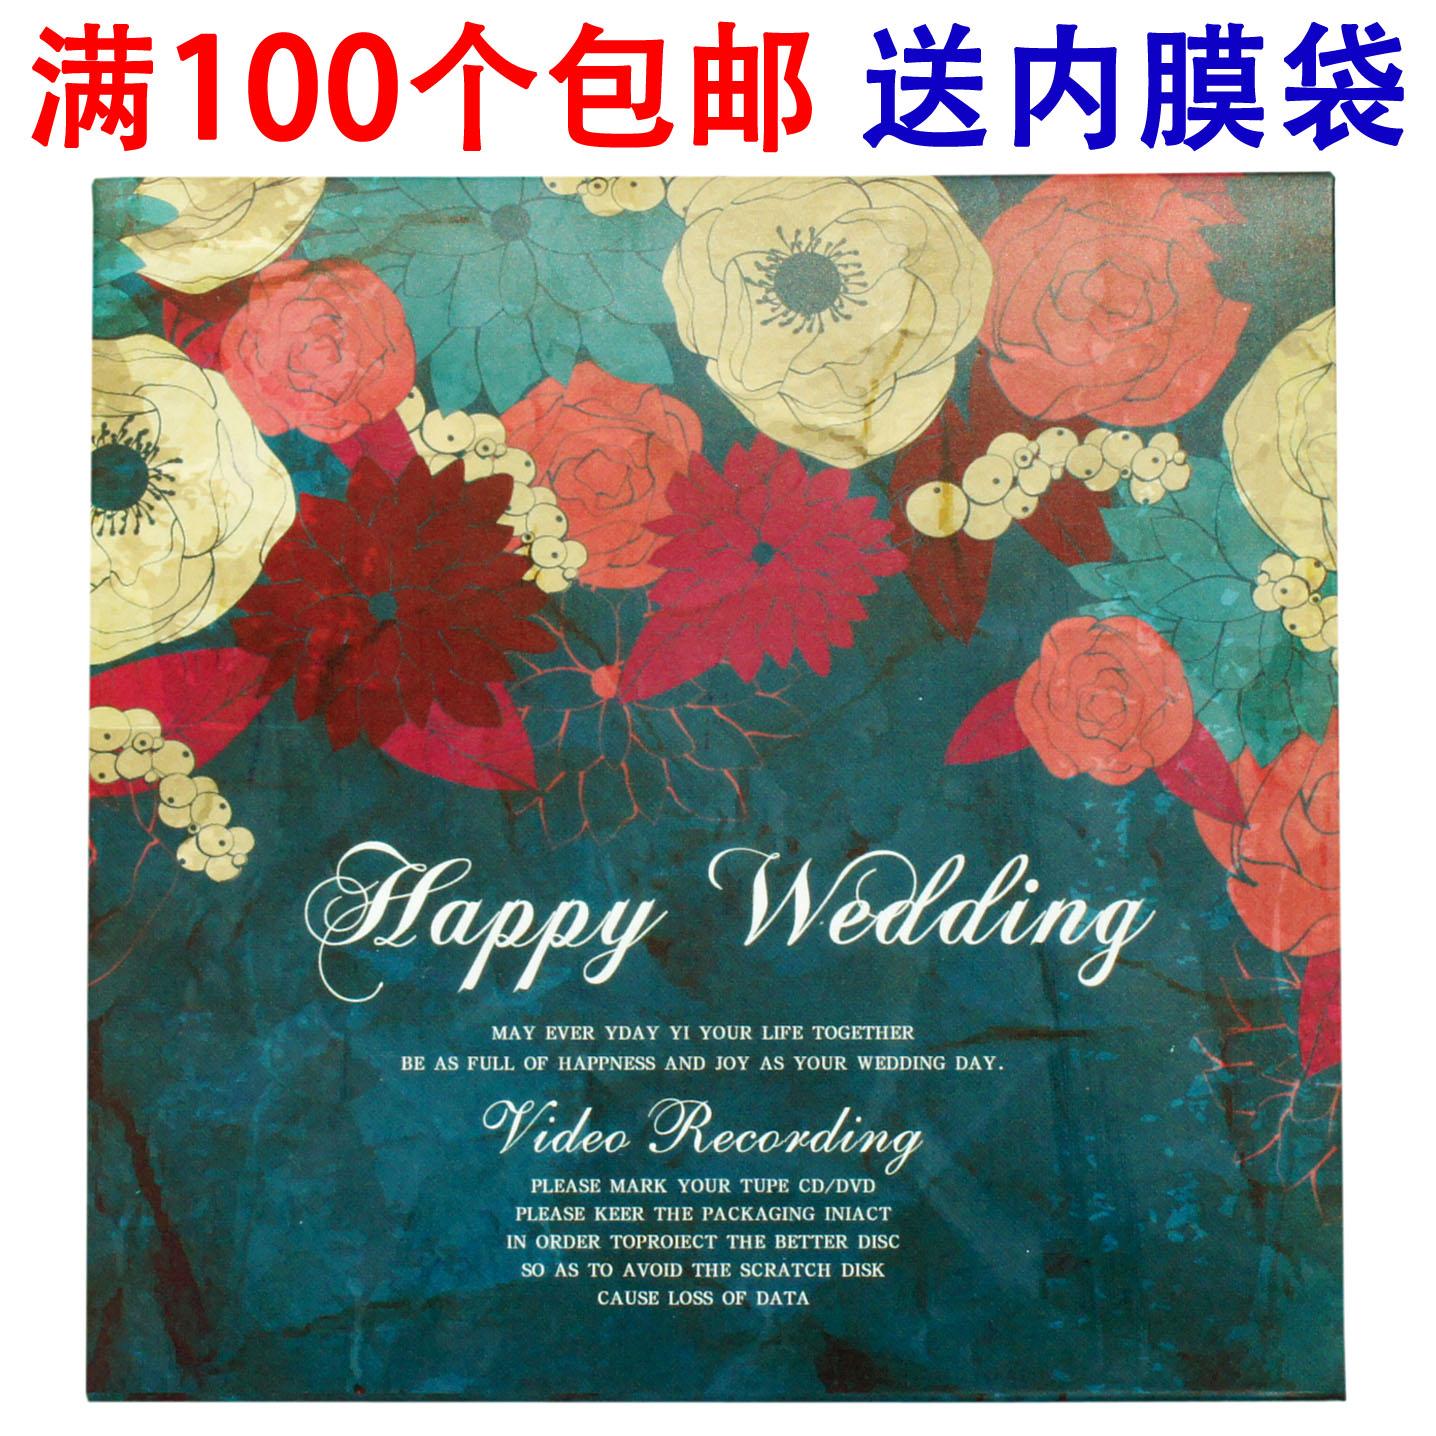 Мода творческий cd мешок коробка свадьба свадьба тень этаж CD cd мешок выйти замуж DVD cd пакет бумажный мешок